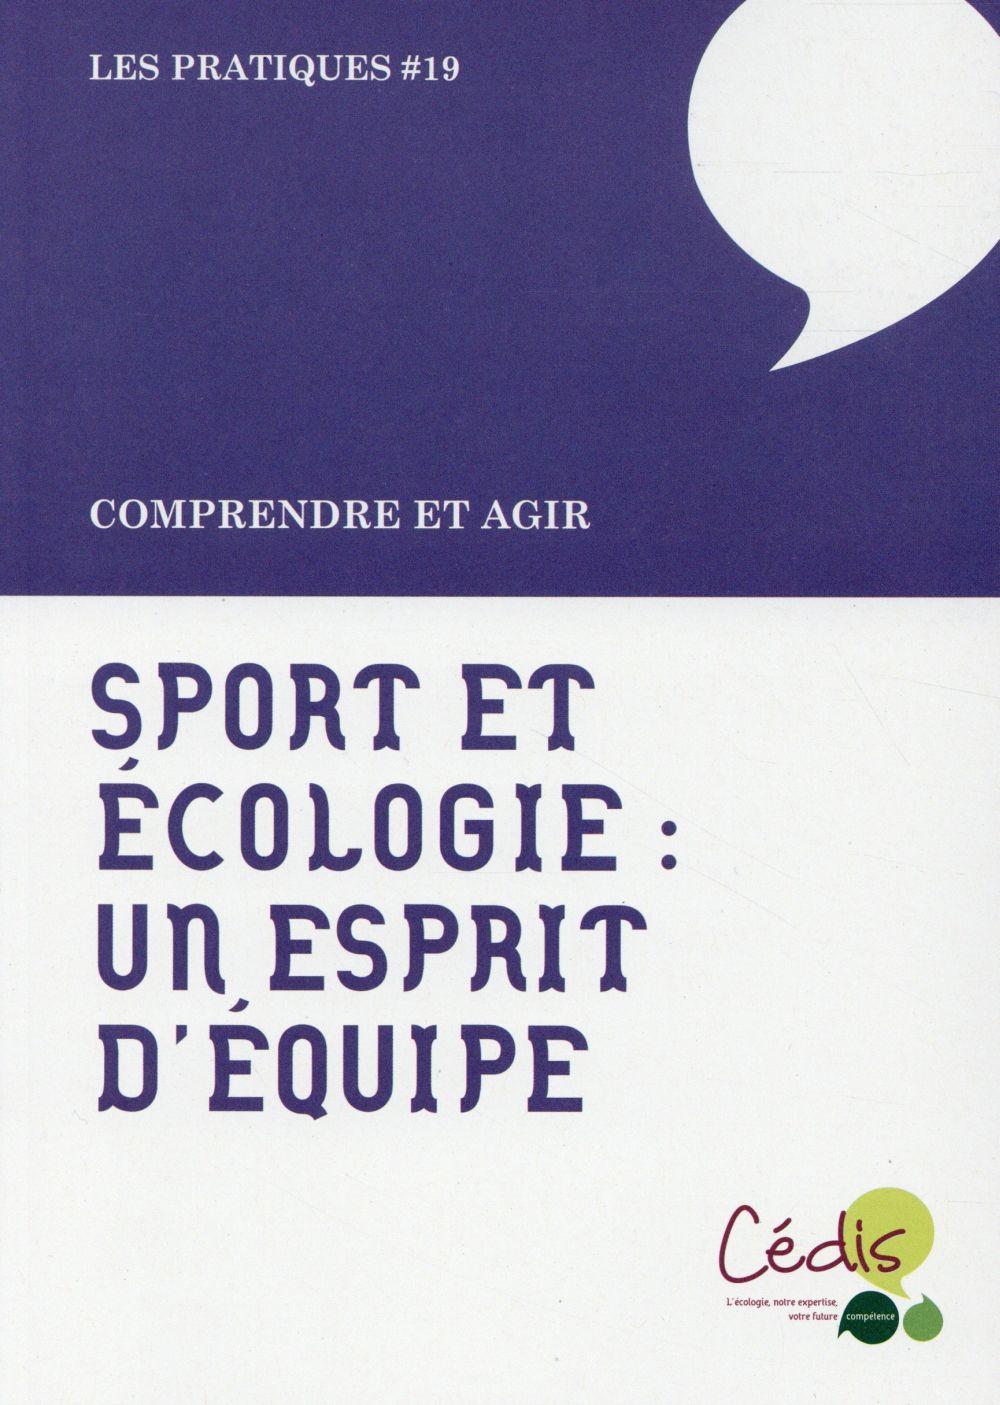 SPORT ET ECOLOGIE, L'ESPRIT D'EQUIPE